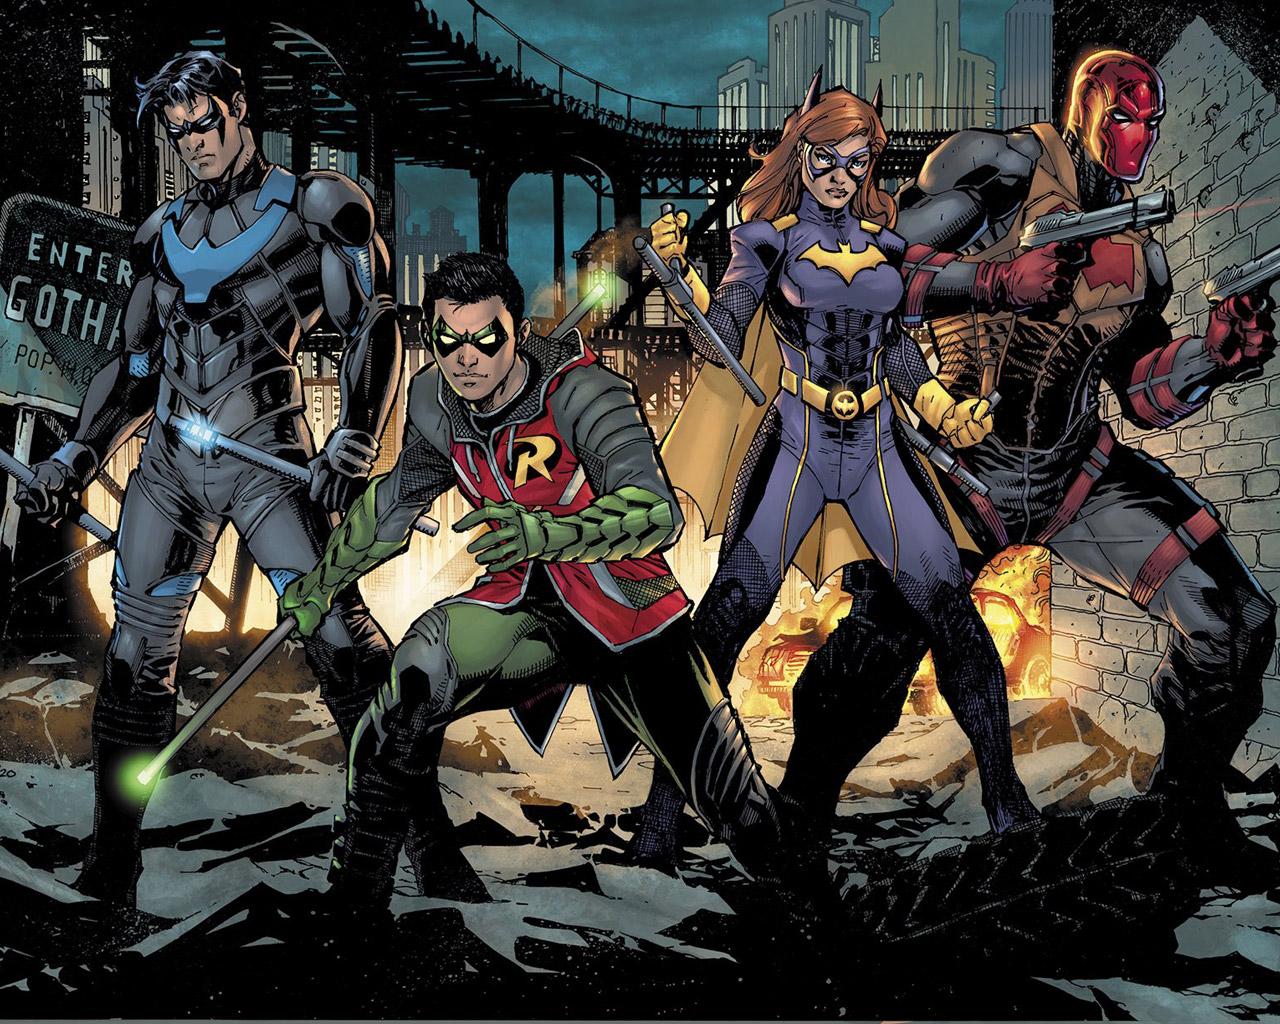 Gotham Knights Wallpaper in 1280x1024